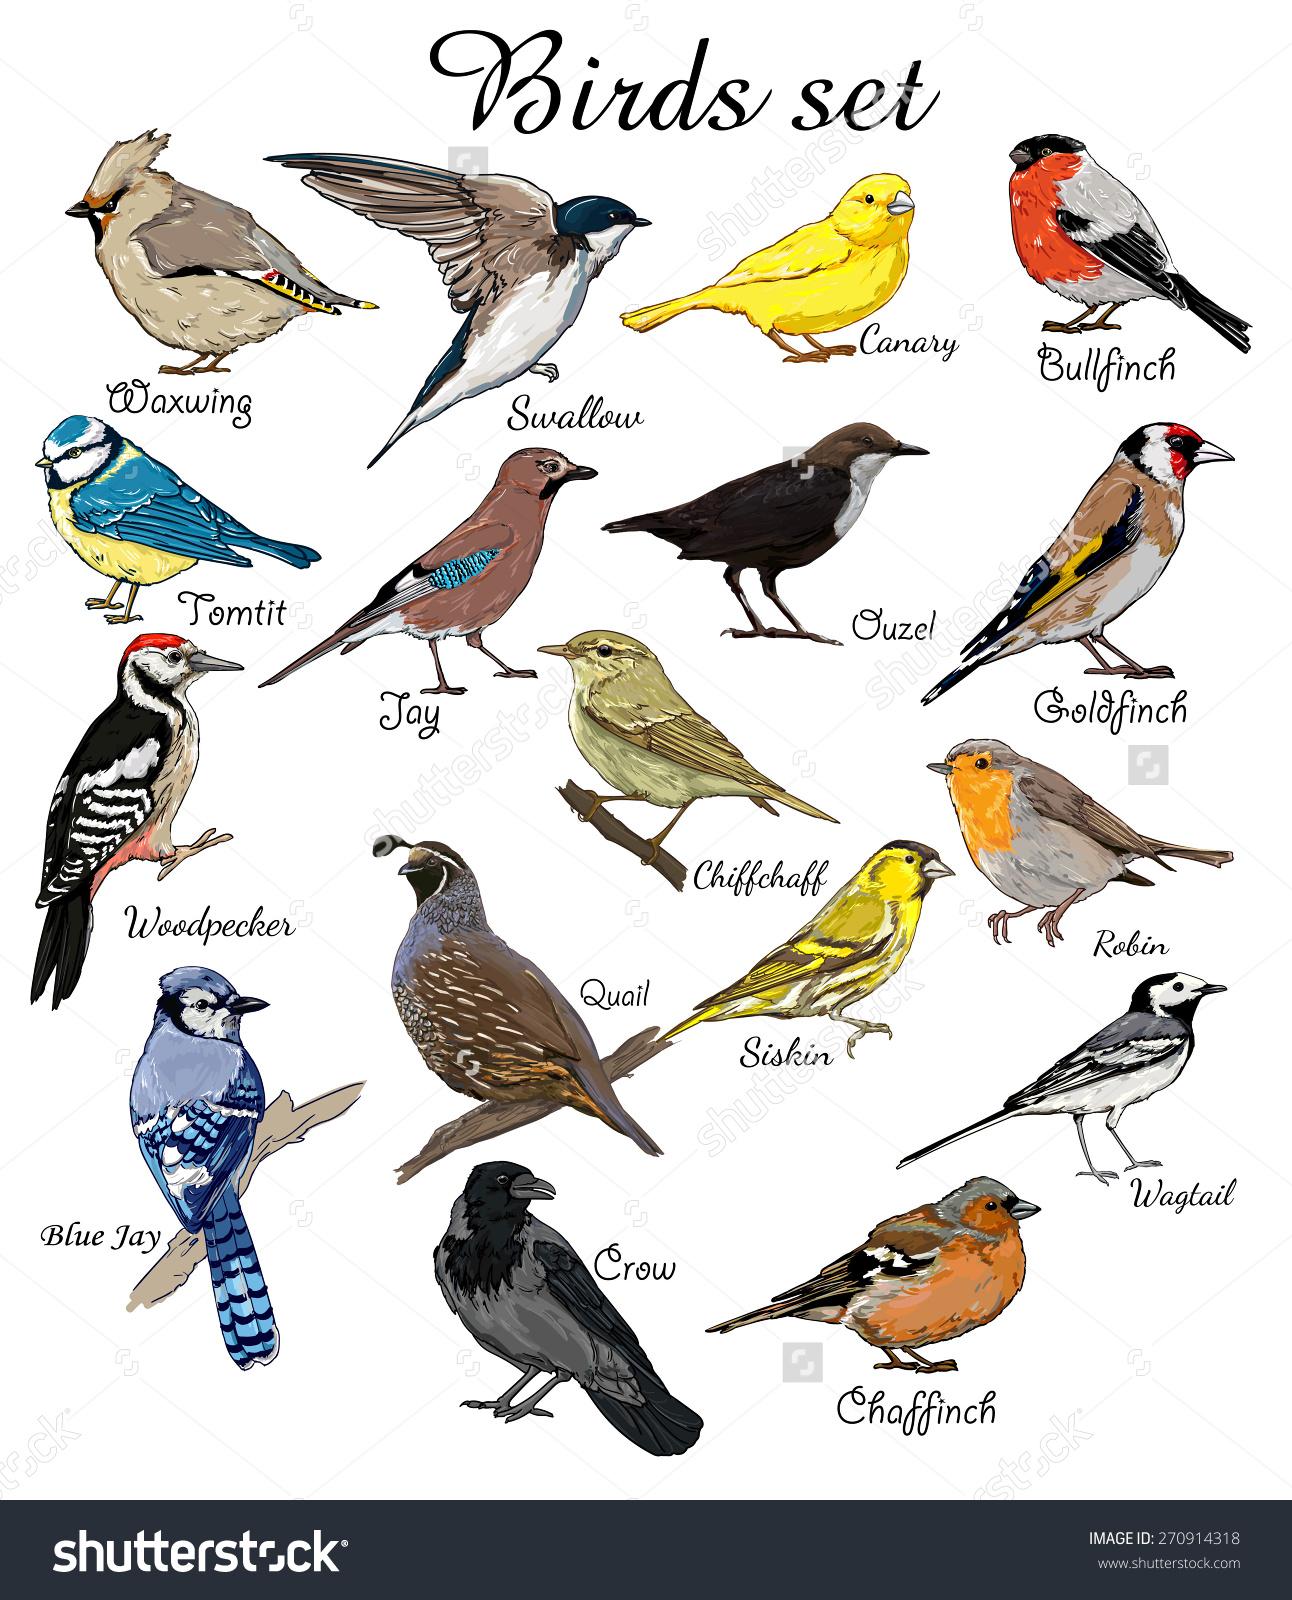 birds clipart name